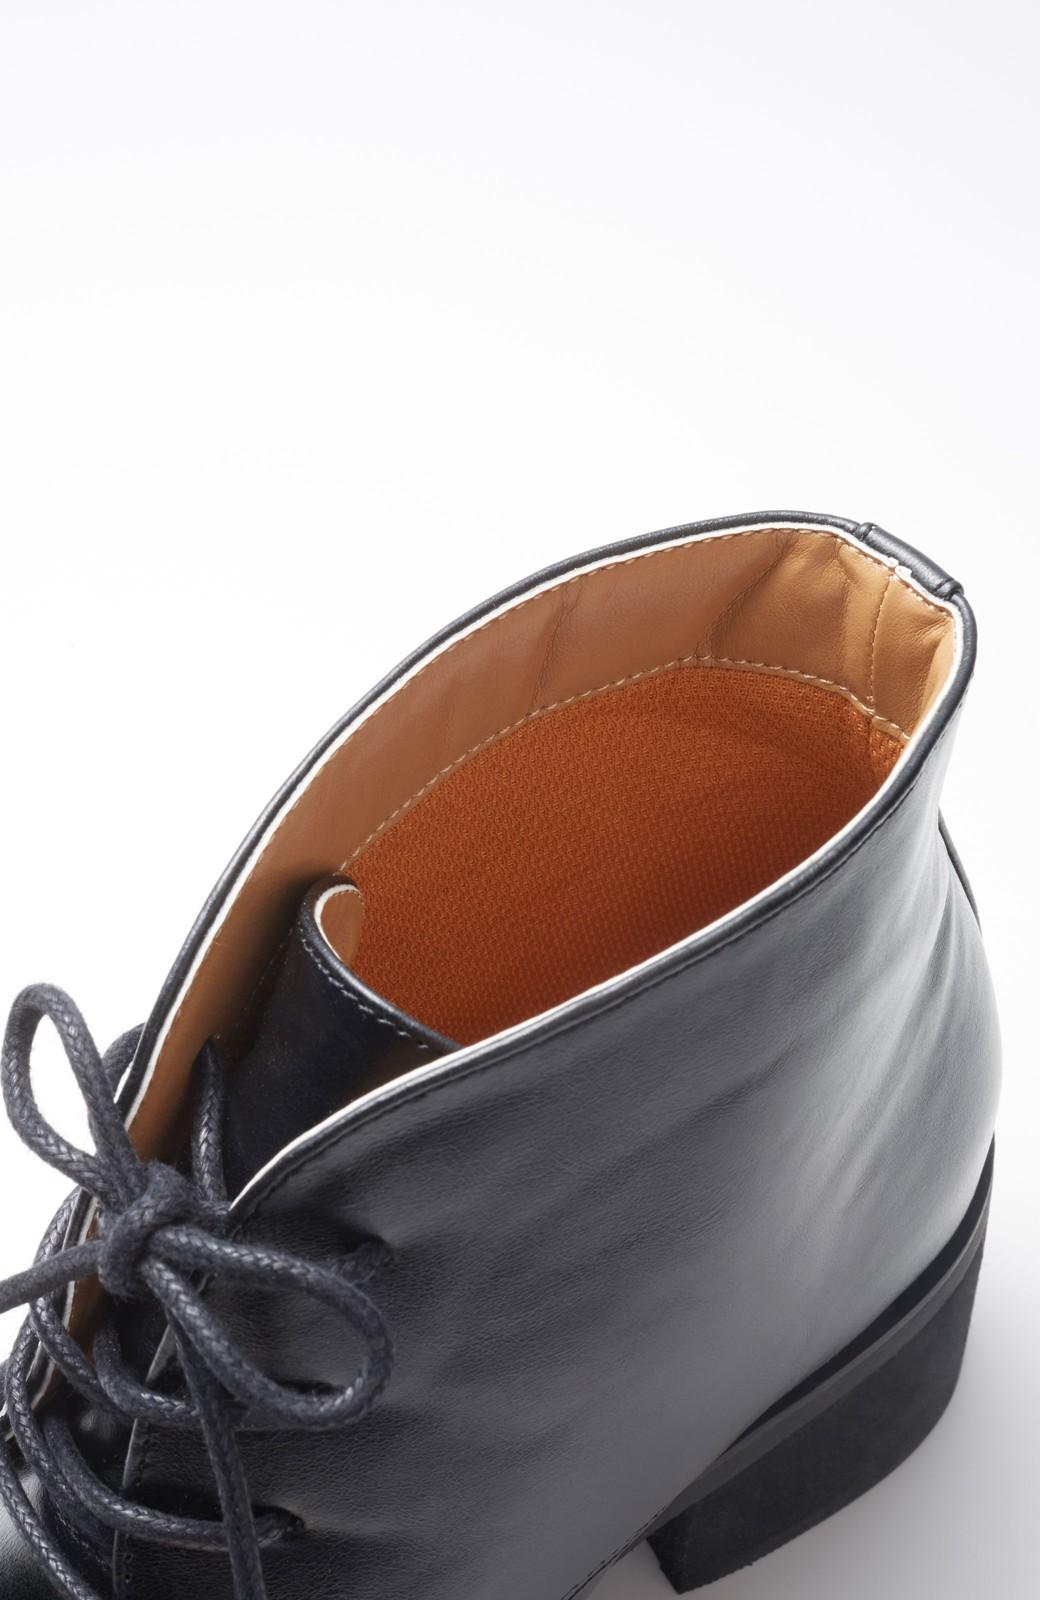 haco! ハイカットスニーカー感覚で履ける 2WAYレースアップマニッシュシューズ <ブラック>の商品写真3